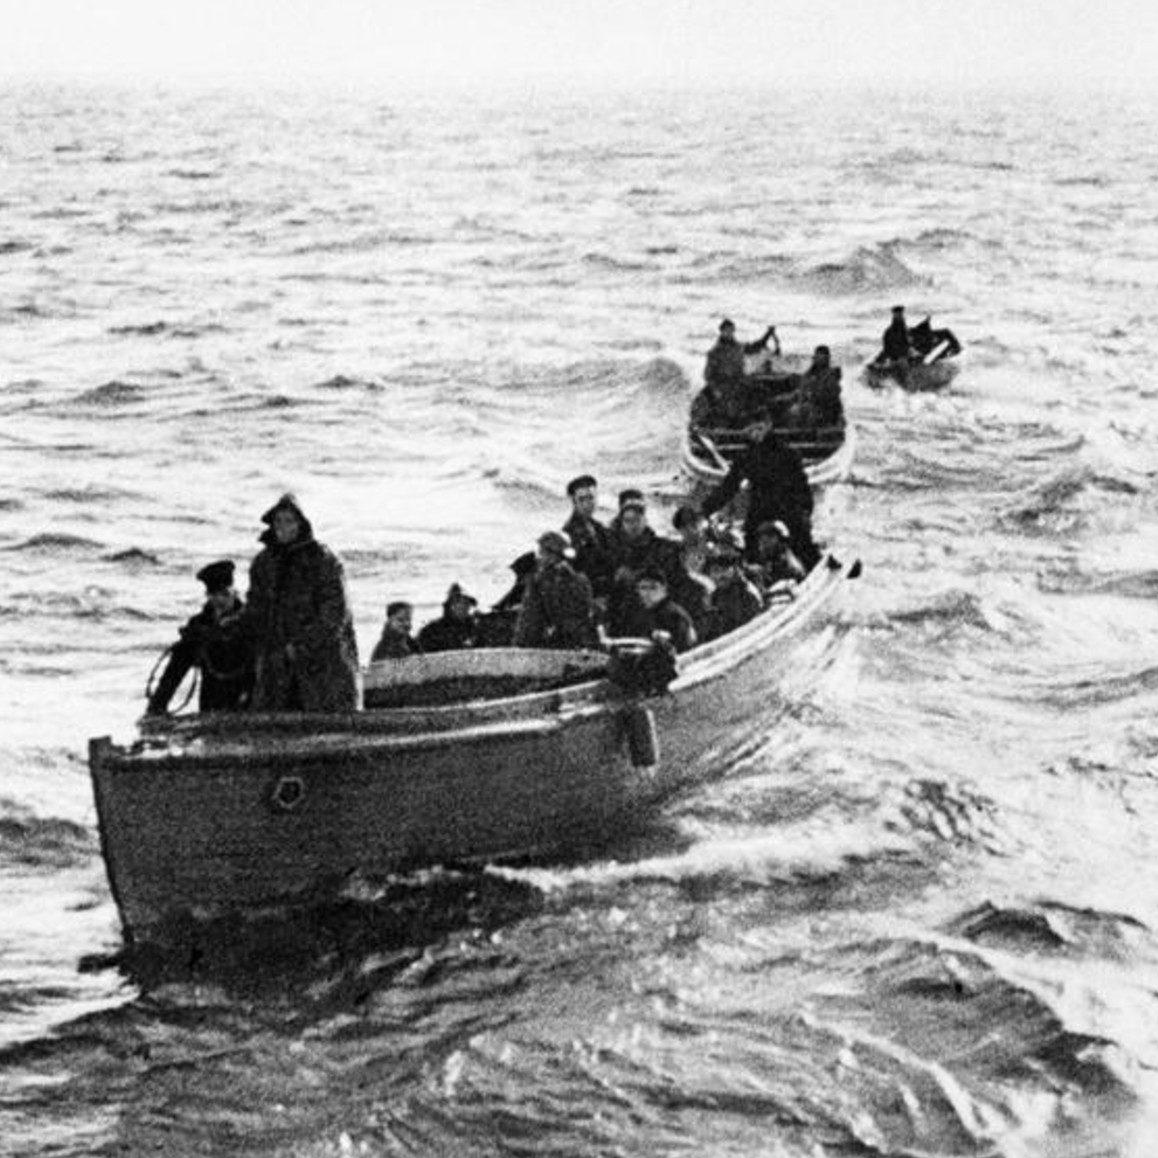 Переправа эвакуированных с берега на крупные суда. 29 мая 1940 г.